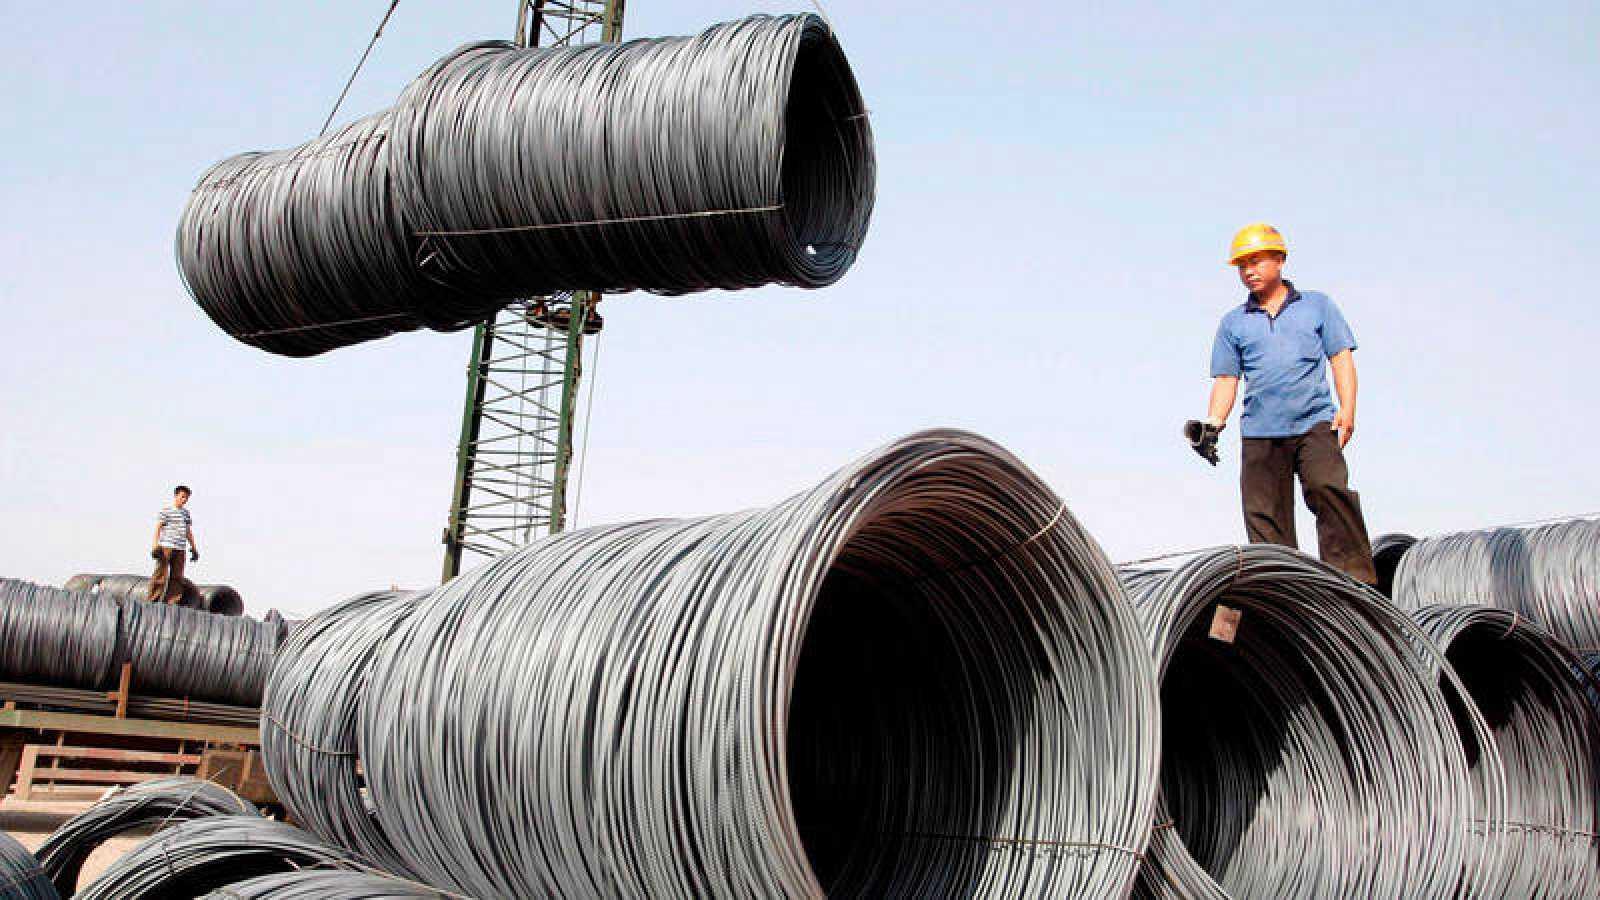 Operarios mientras transportan bobinas de cable de acero para su pesaje en Pekín (China)